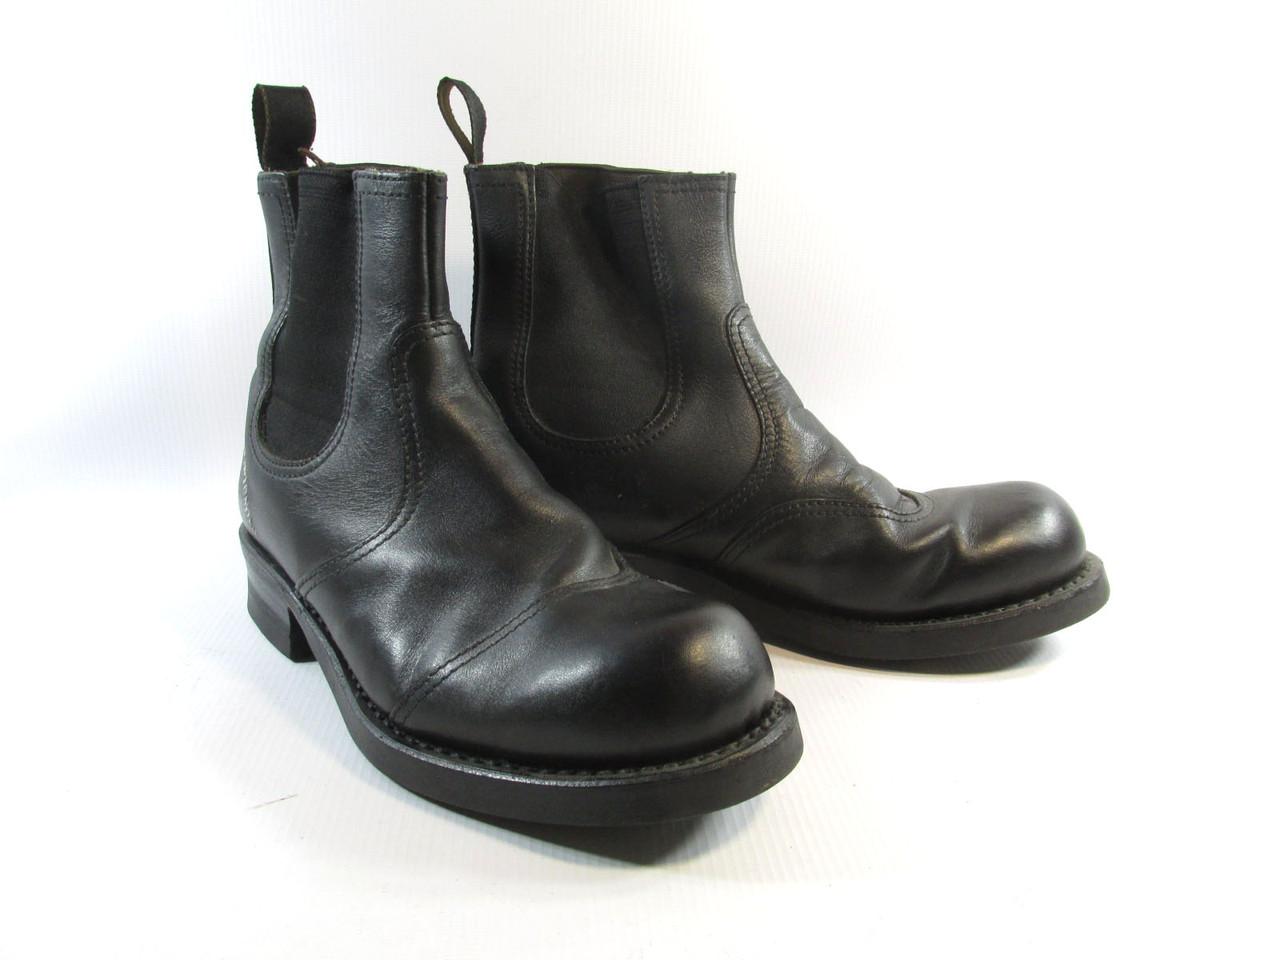 Ботинки челси Harley Davidson, 40 (26 см), кожа, Как Новые!